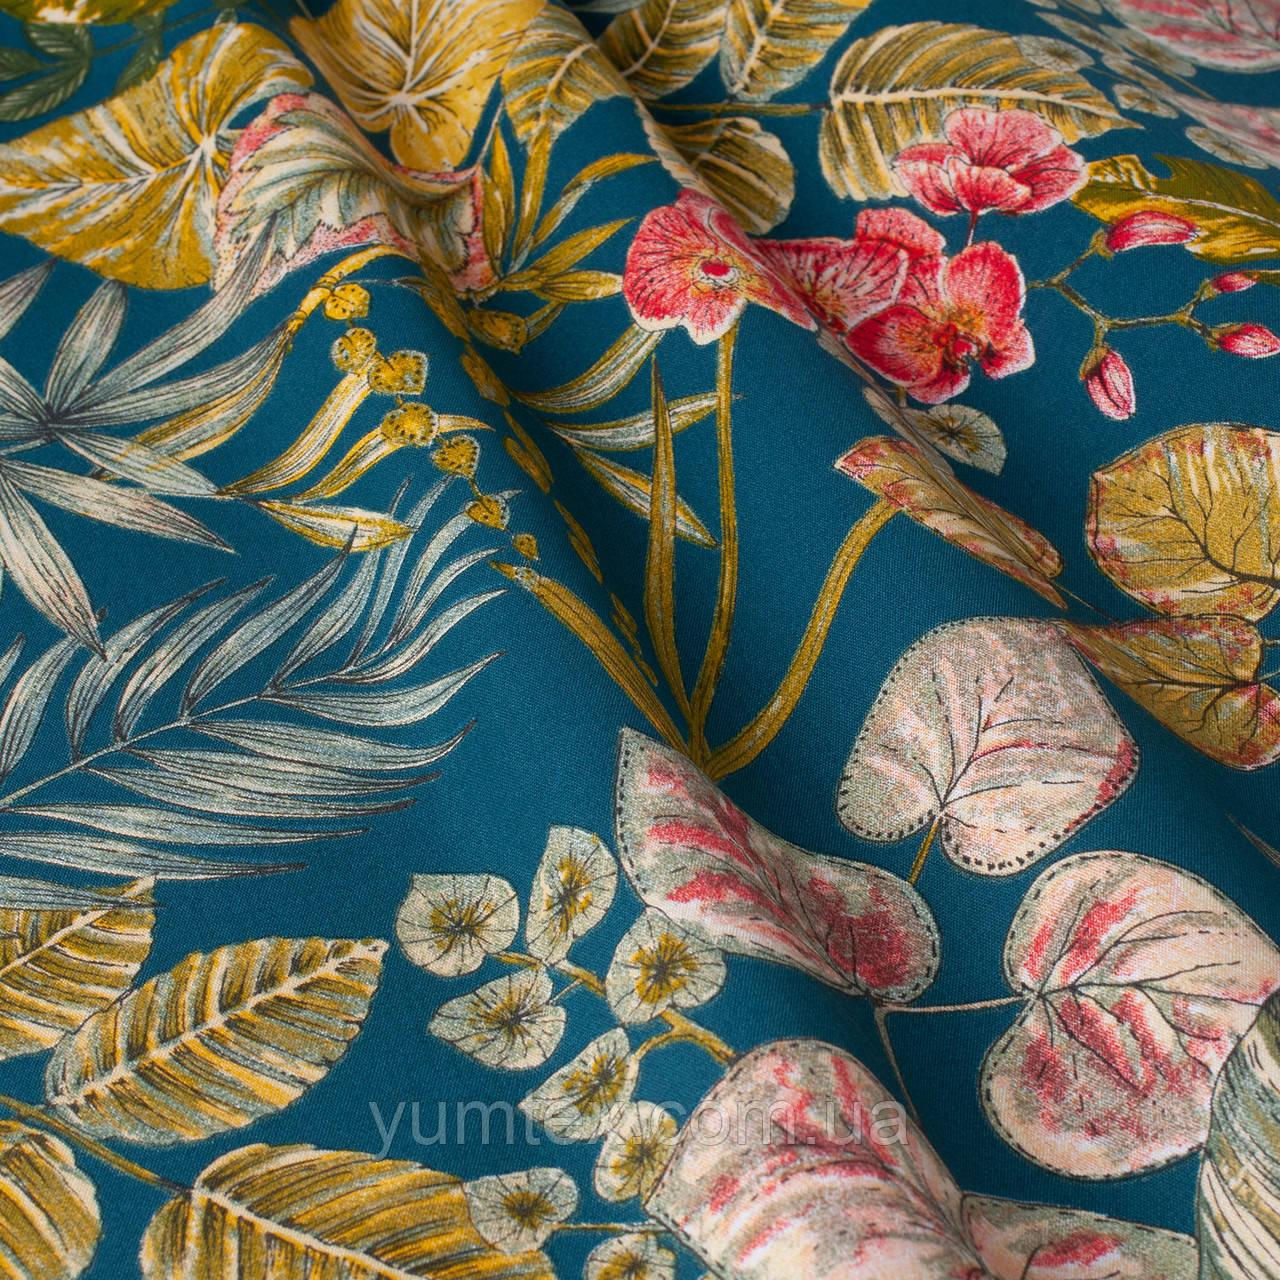 Дралон уличная ткань с крупными желтыми листьями и розовыми бутонами на синем С ДОСТАВКОЙ